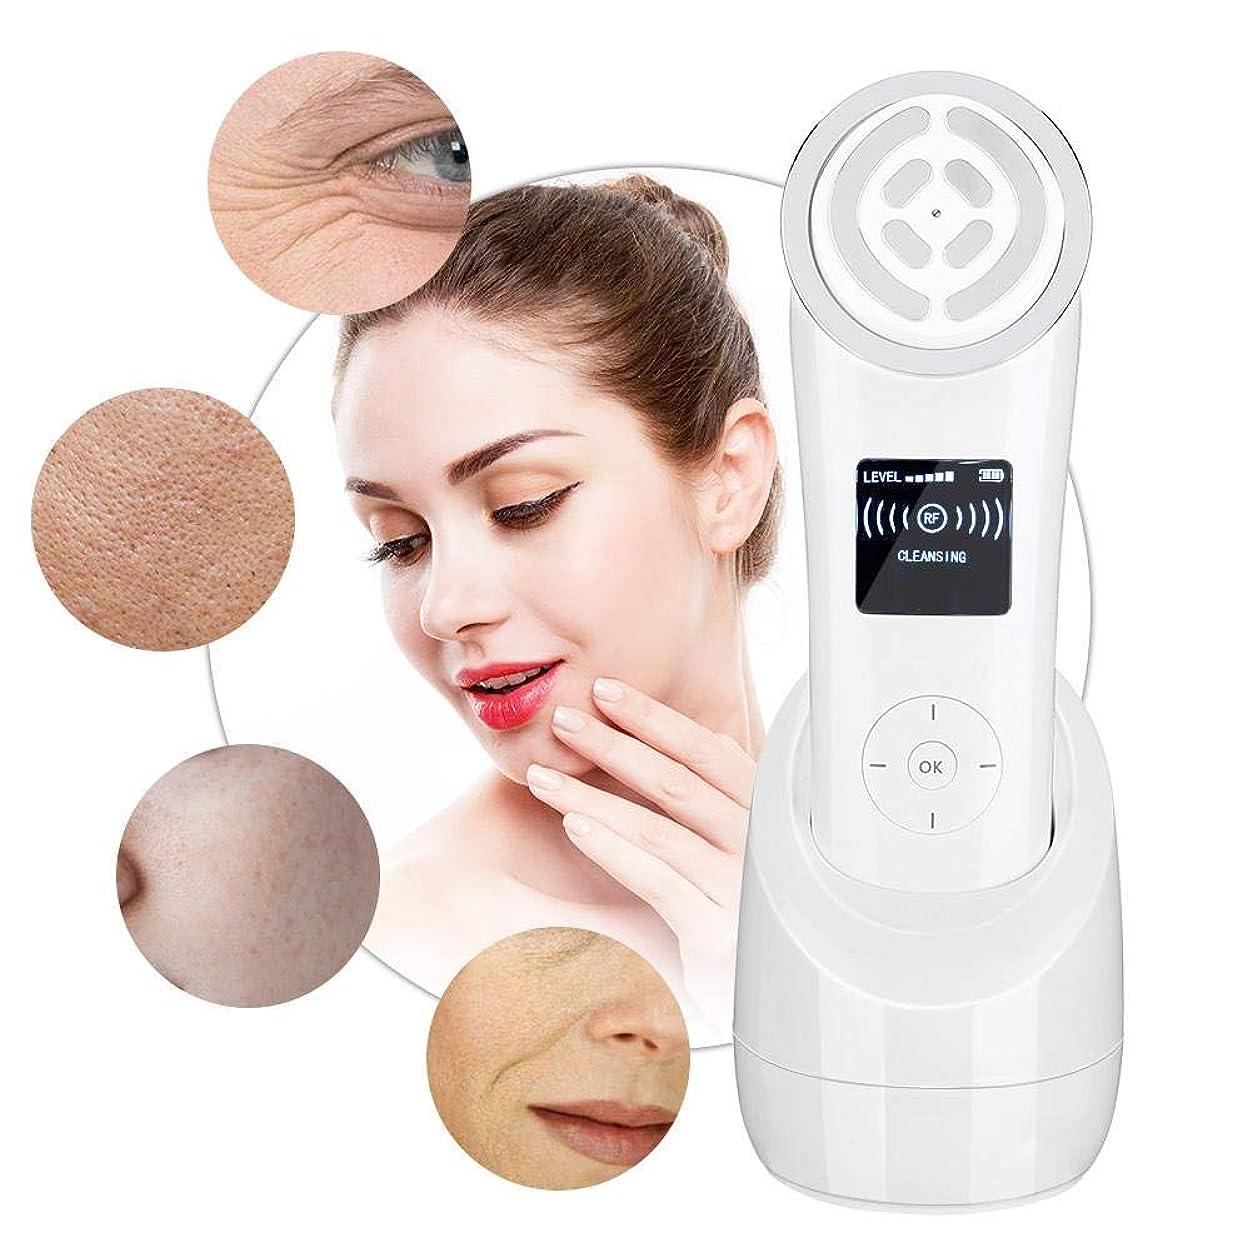 ブランクコンソール大学顔の美しさのマシン - RF周波数アンチエイジングアンチリンクル、肌の若返り楽器 - ポータブル若返り肌がEMS筋肉刺激を強化(UE)